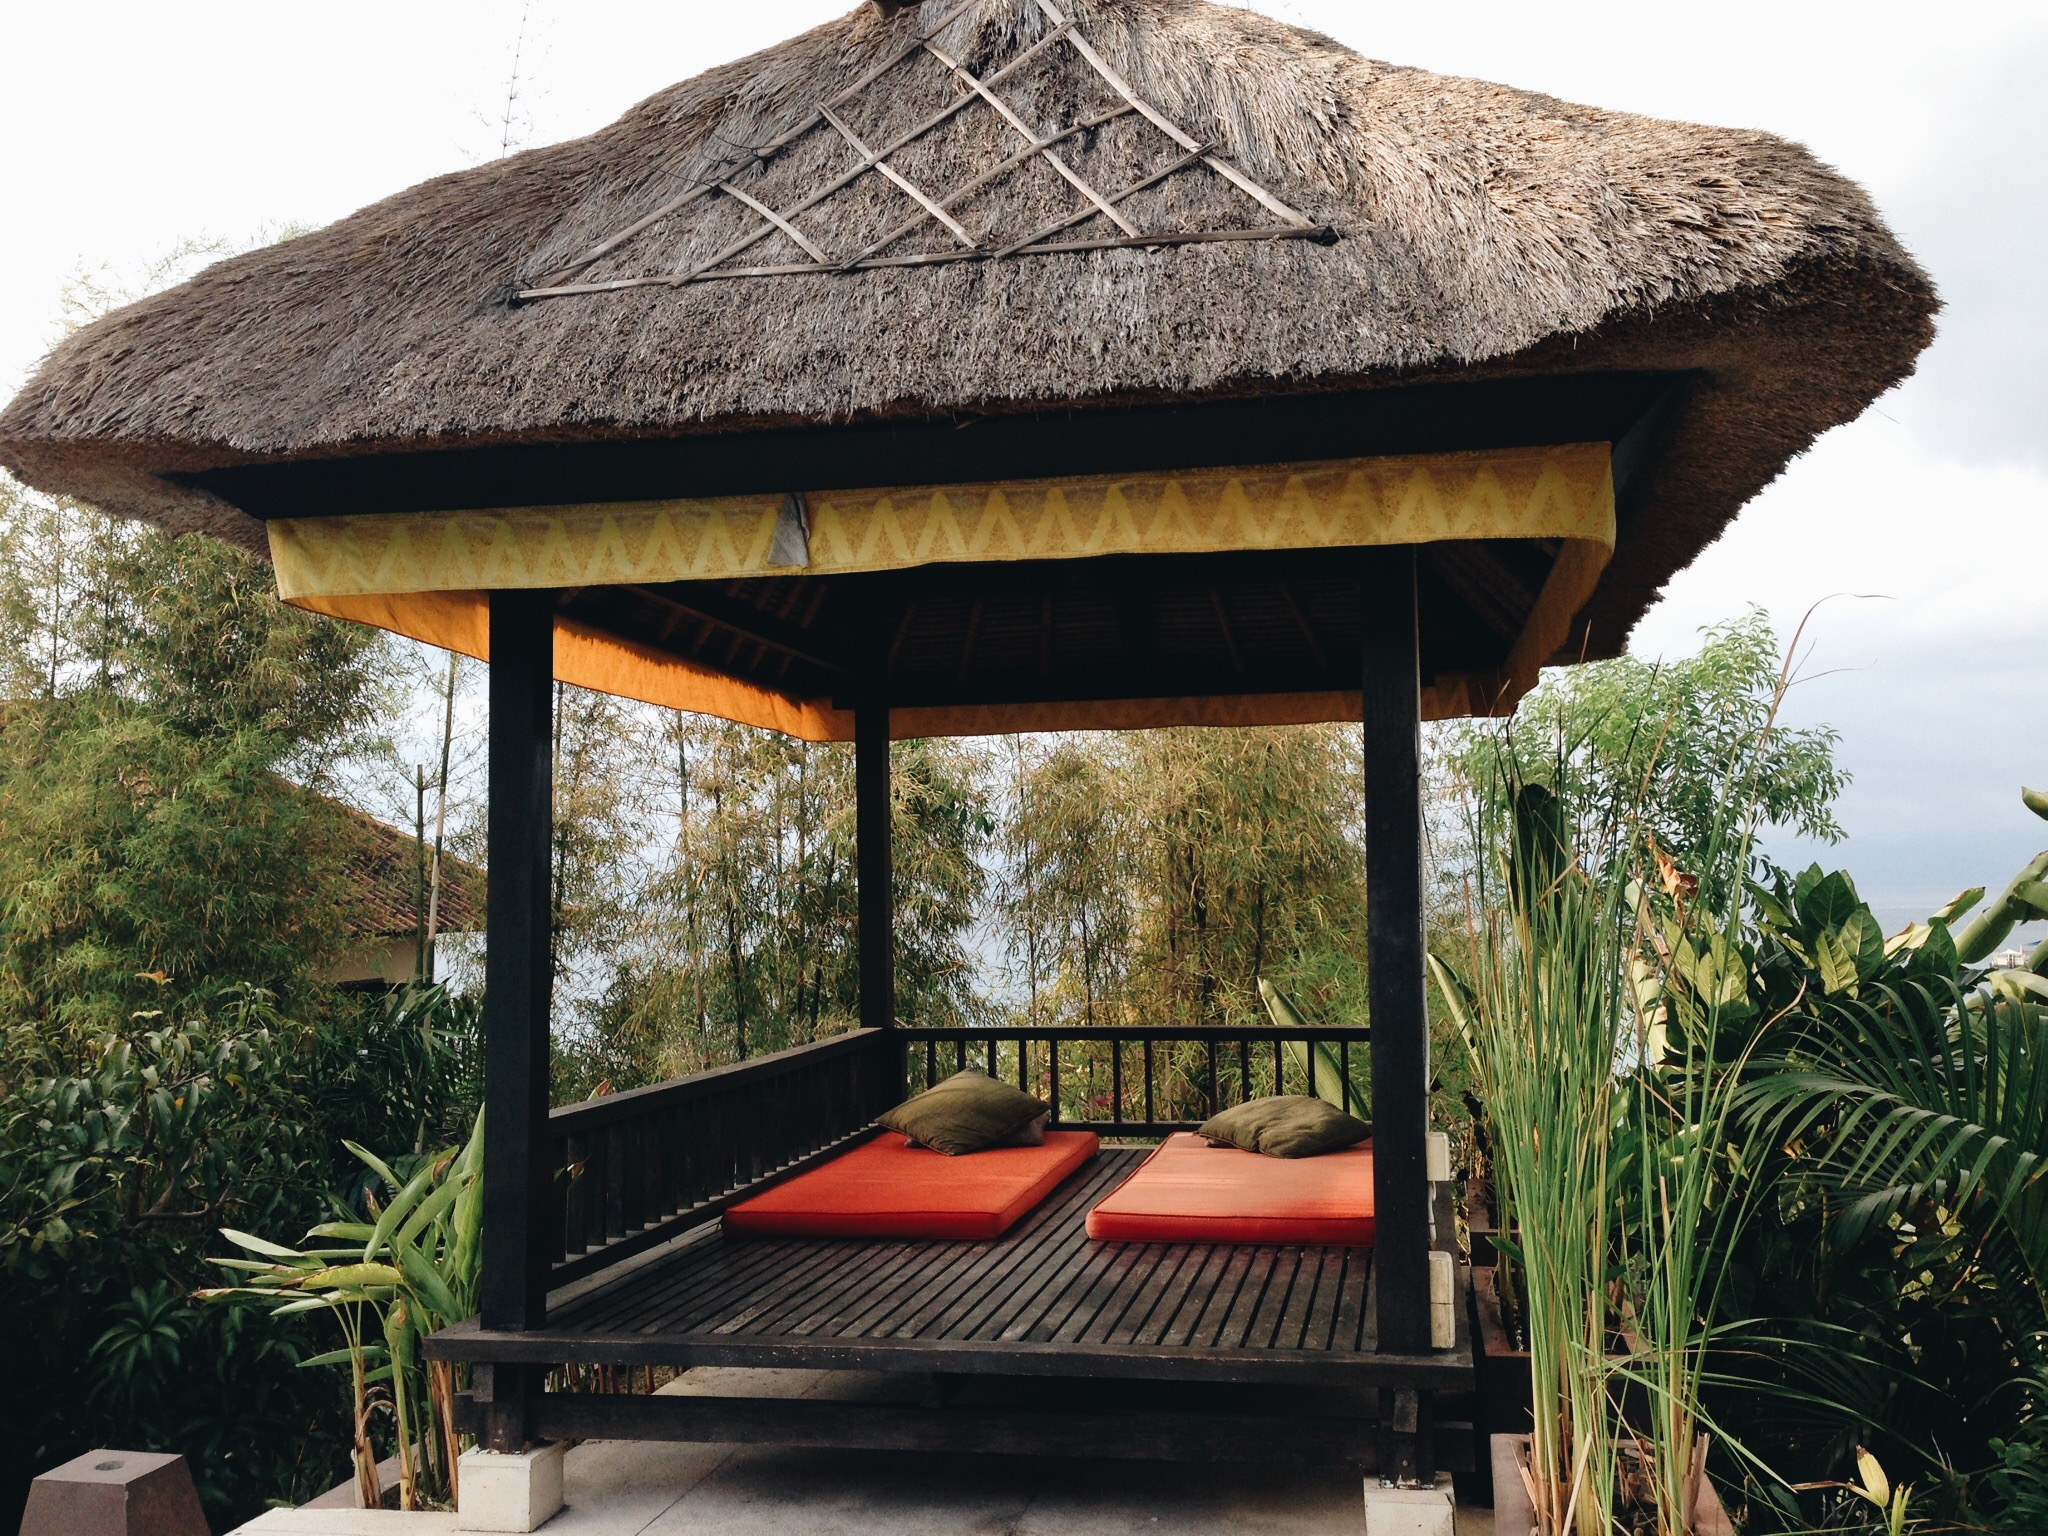 Pandana-guest-house-Nusa-lembongan.JPG